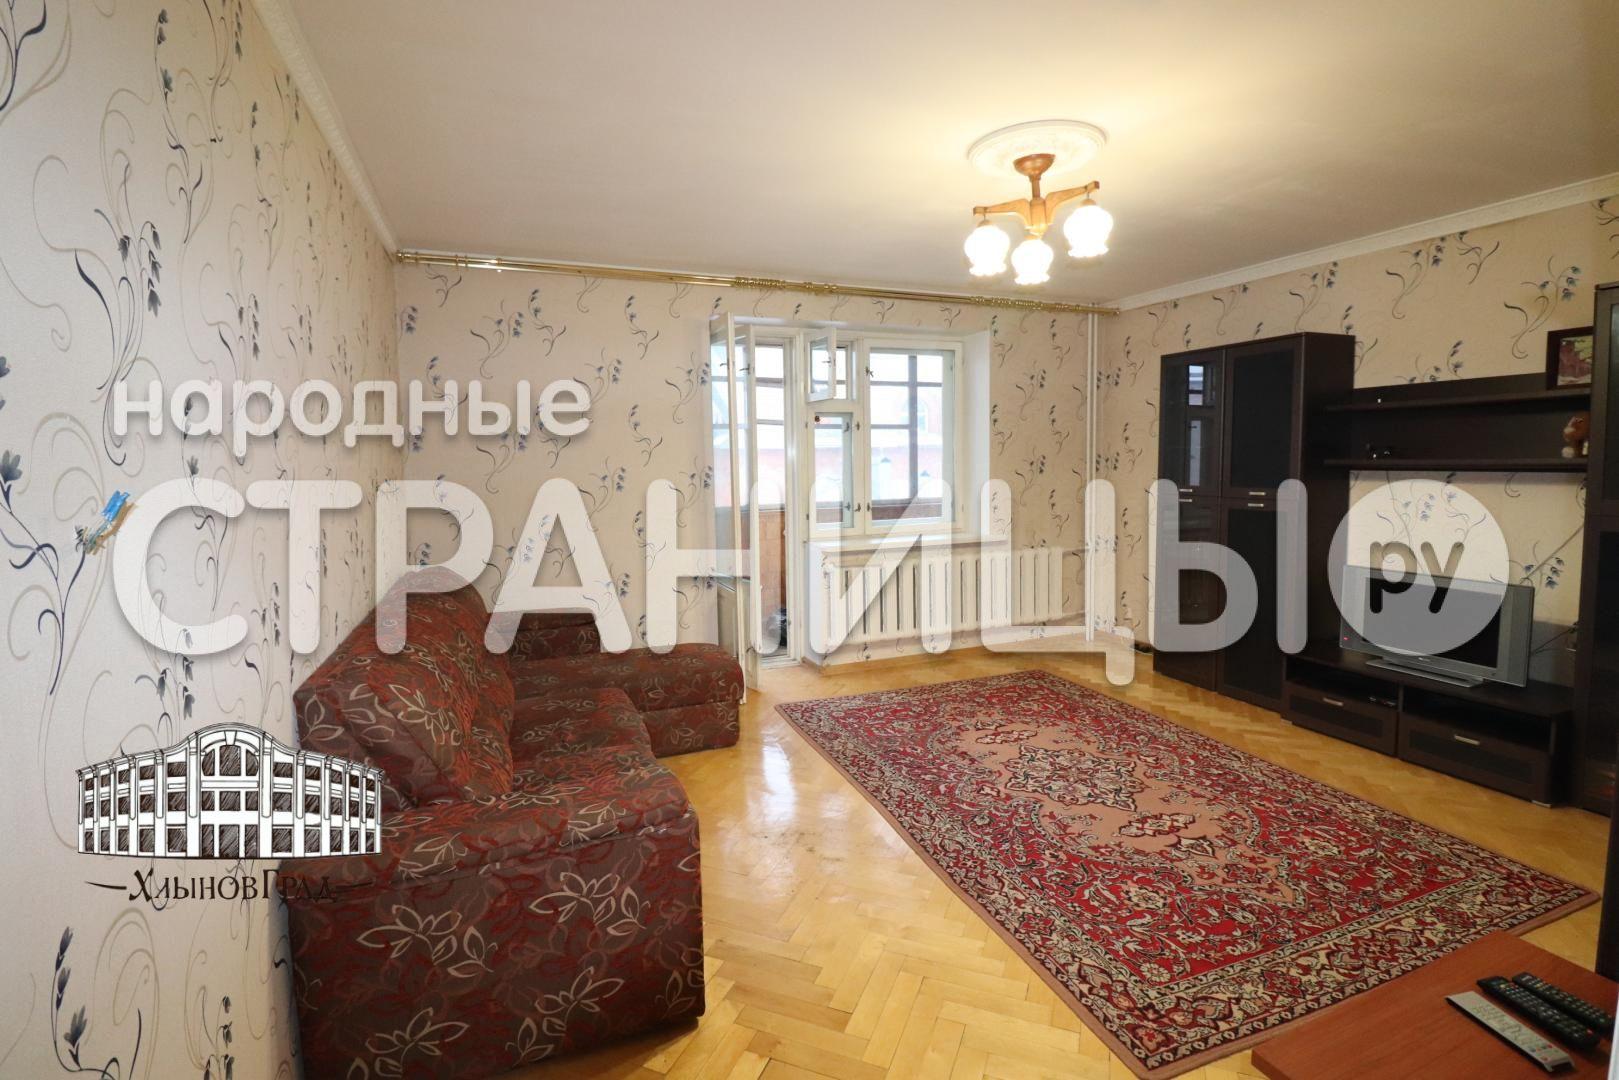 2-комнатная квартира, 70.0 м²,  3/4 эт. Кирпичный дом